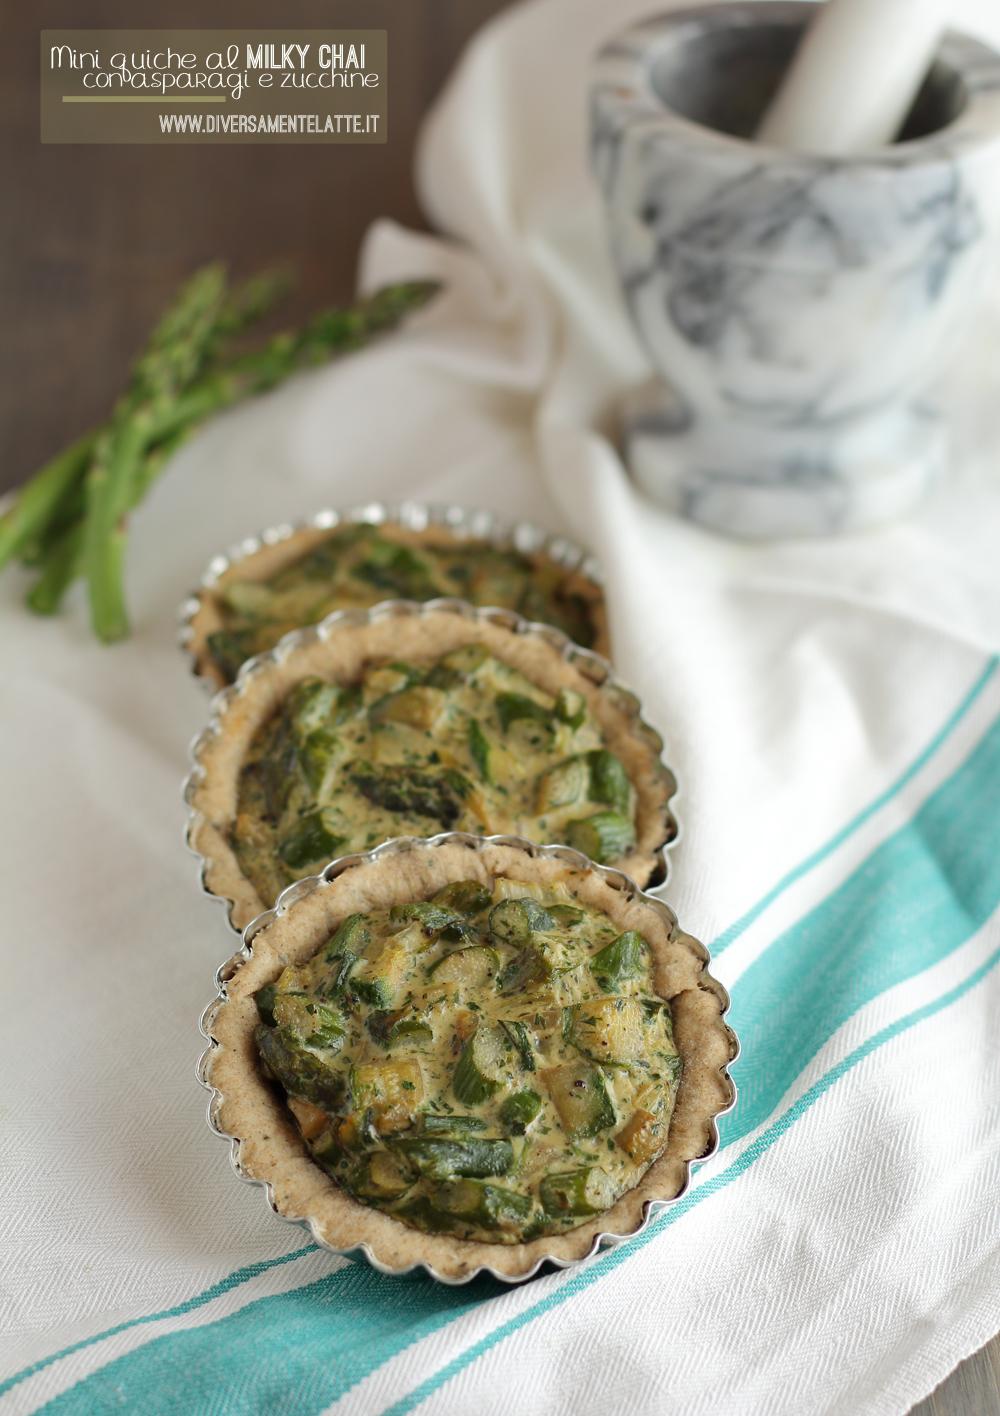 mini quiche al milky chai asparagi e zucchine